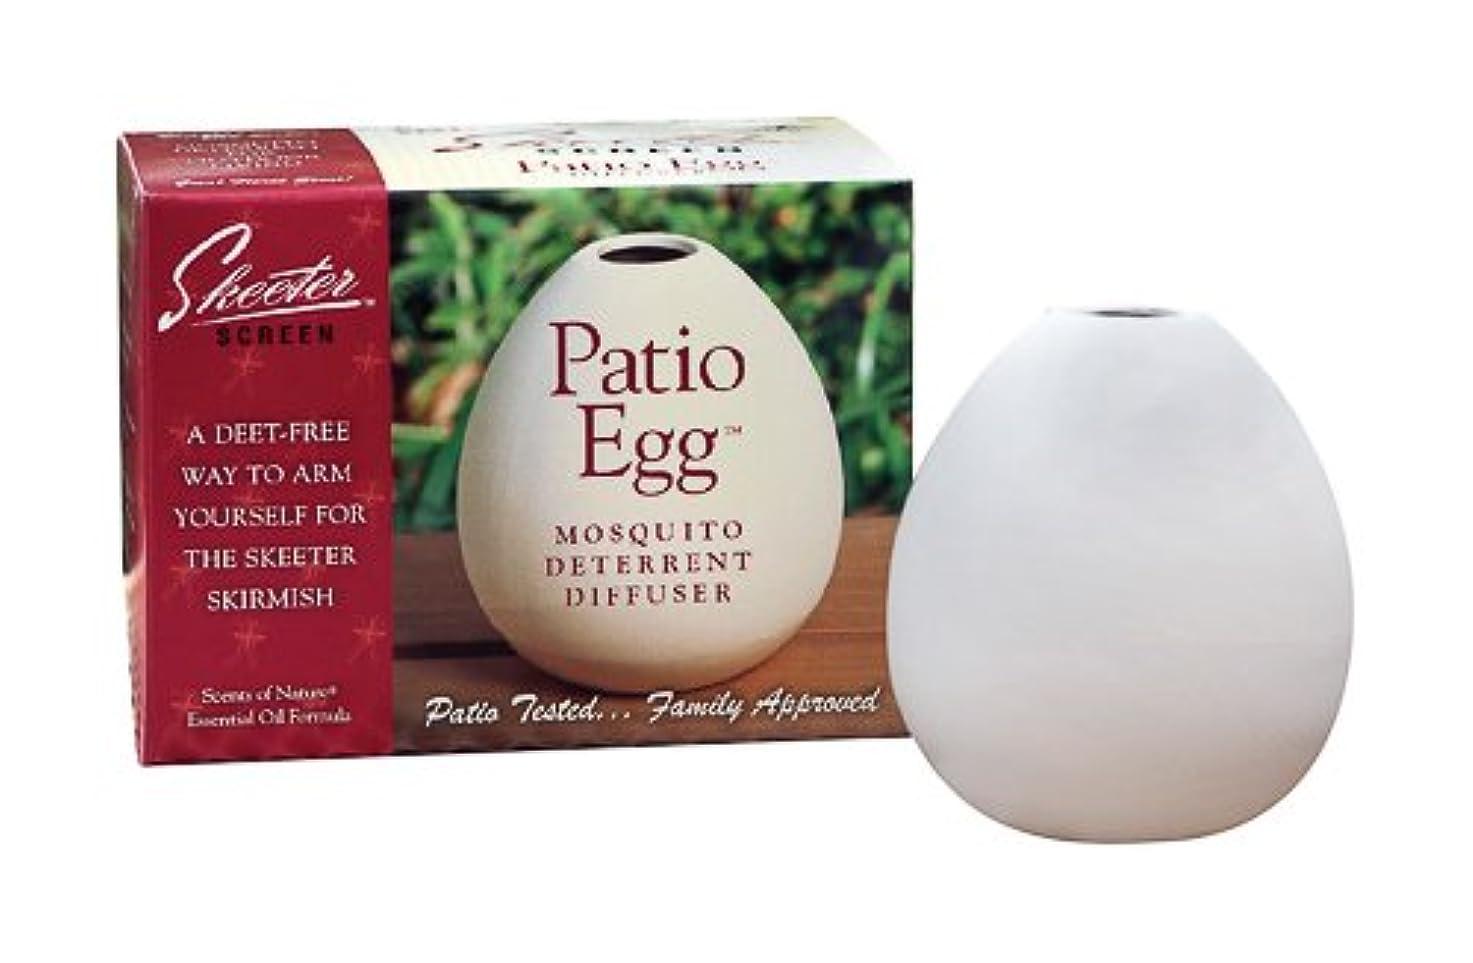 環境に優しいハシー適性4OZ Patio Egg Diffuser (Pack of 6) by Scent Shop [並行輸入品]